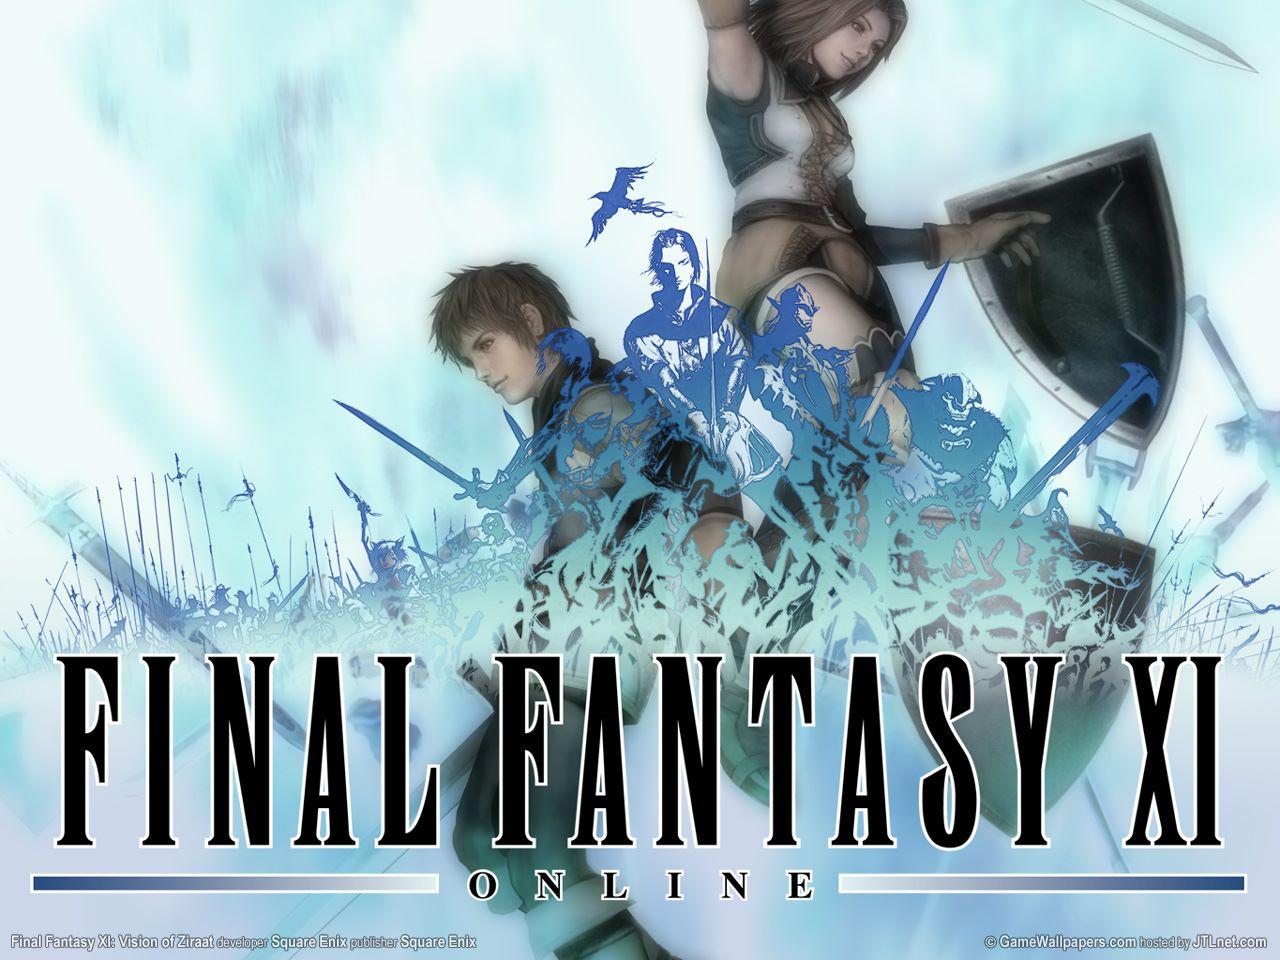 http://1.bp.blogspot.com/-8QJEfarUCbQ/TkFwDmgv65I/AAAAAAAAAhU/t2c-K2TNZDk/s1600/final-fantasy-wallpaper.jpg